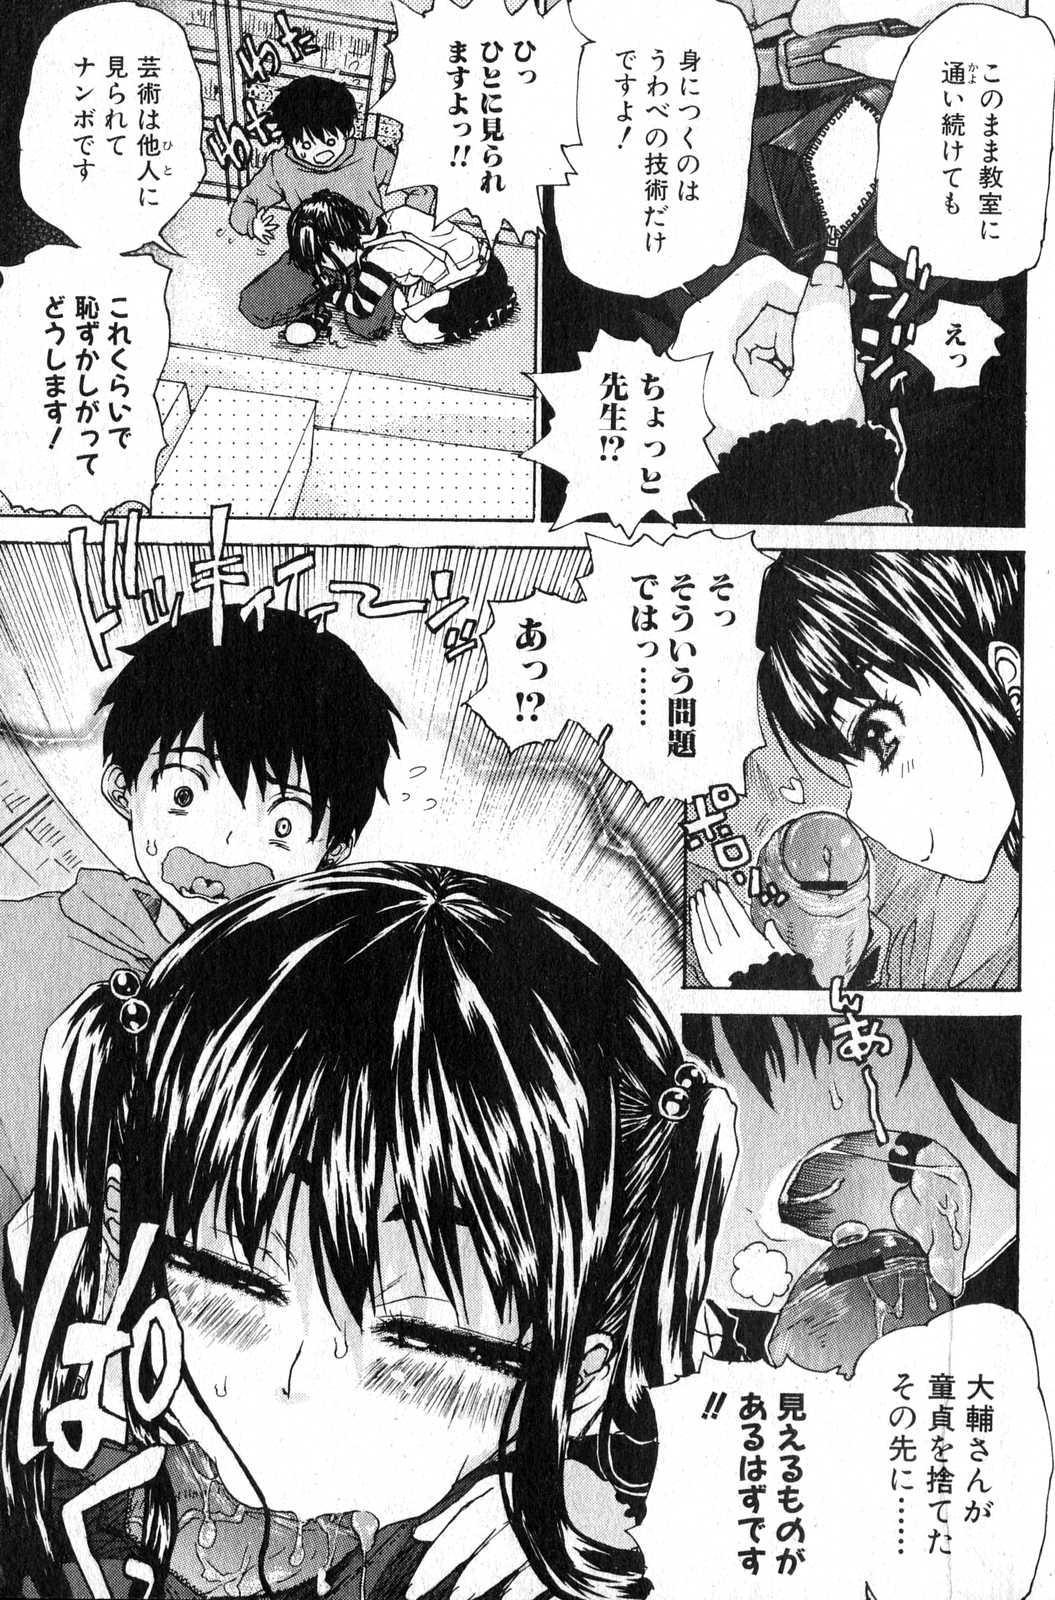 Bishoujo Teki Kaikatsu Ryoku 2007 Vol.15 140